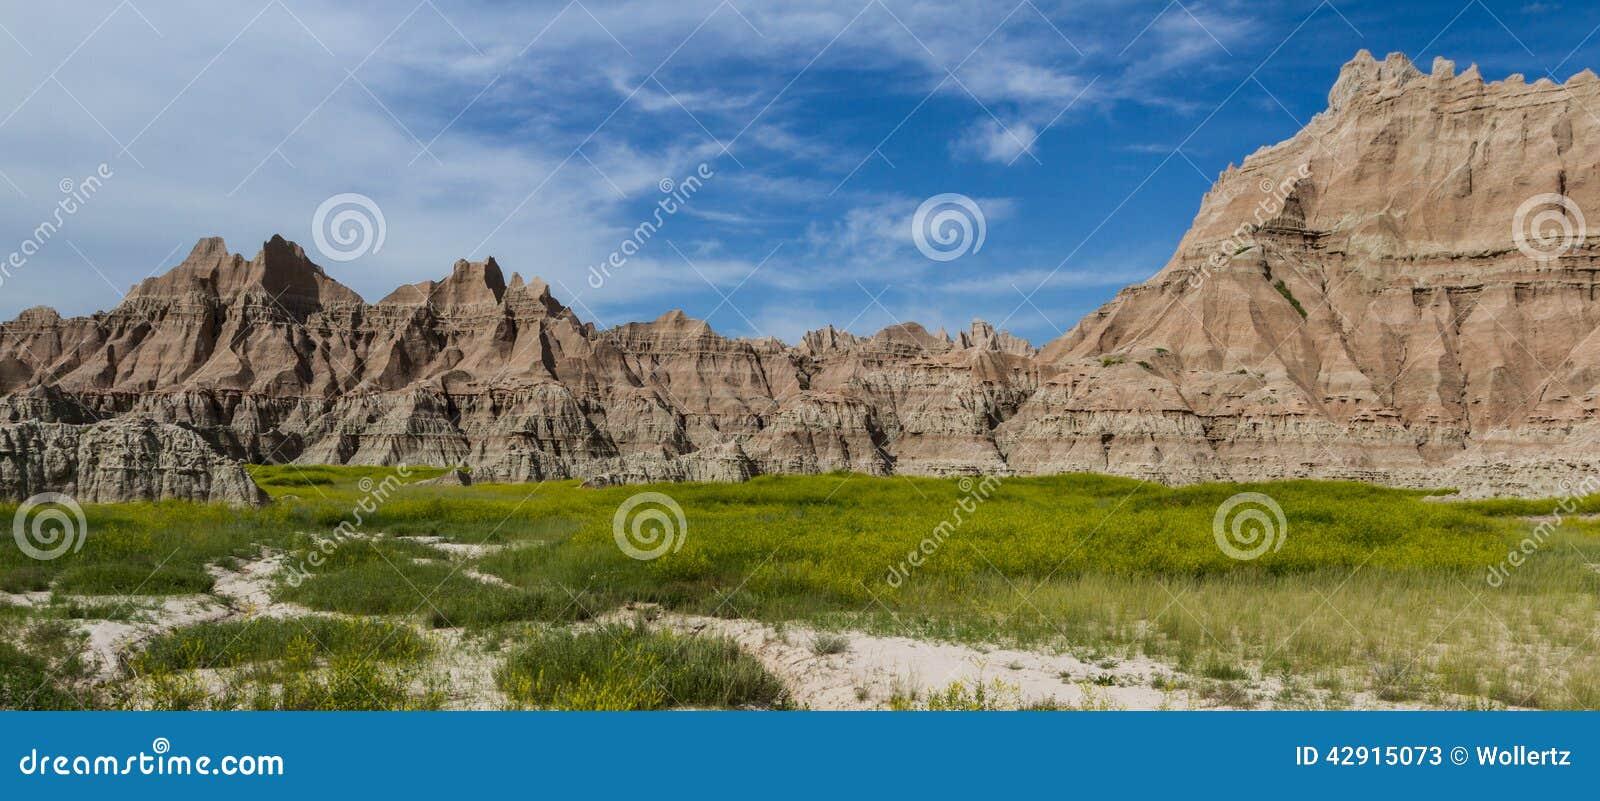 Bad-lands, le Dakota du Sud